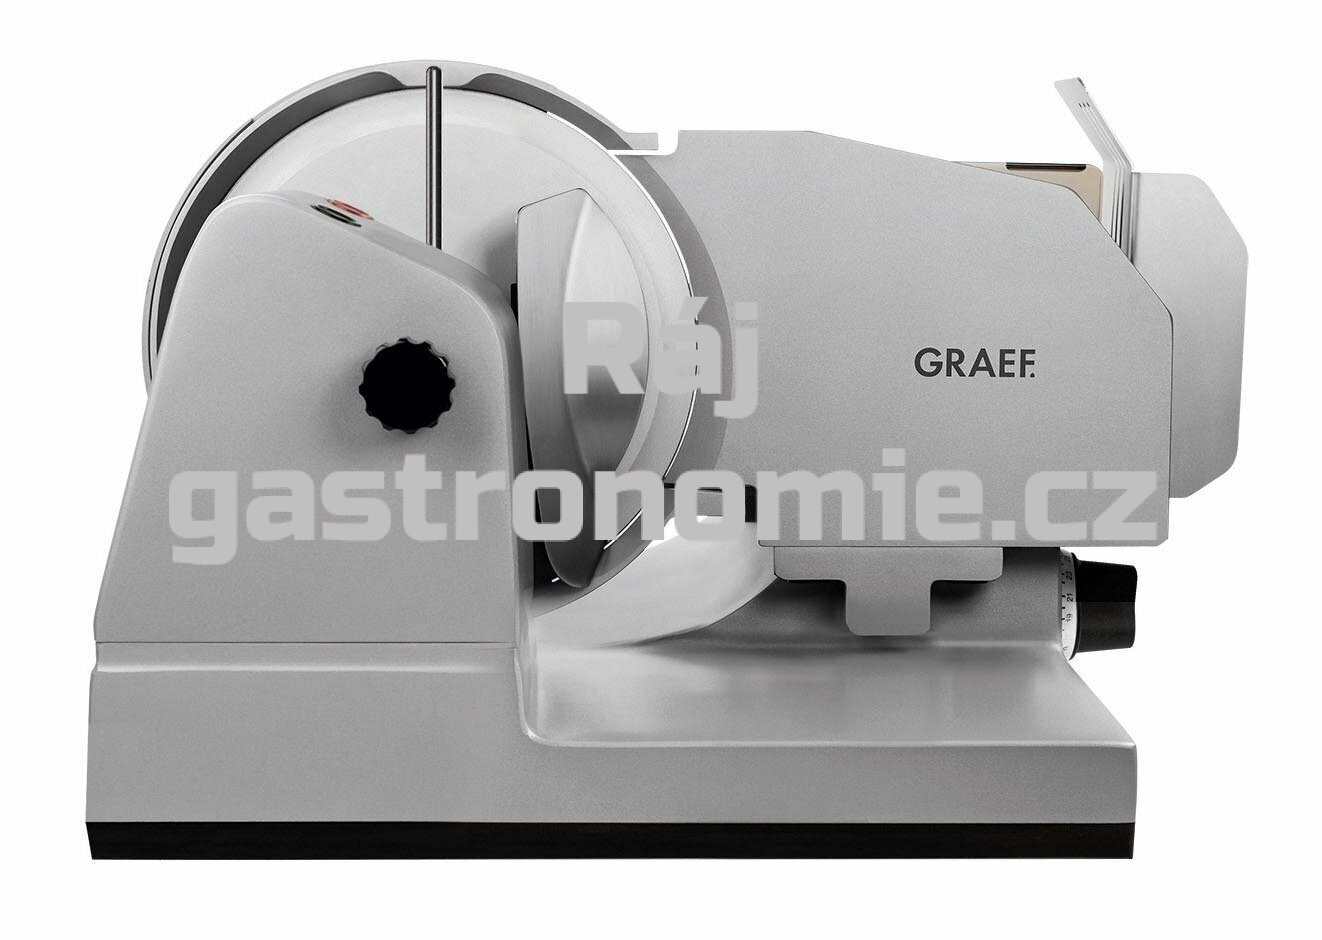 Nářezový stroj Graef Master 3020 VS